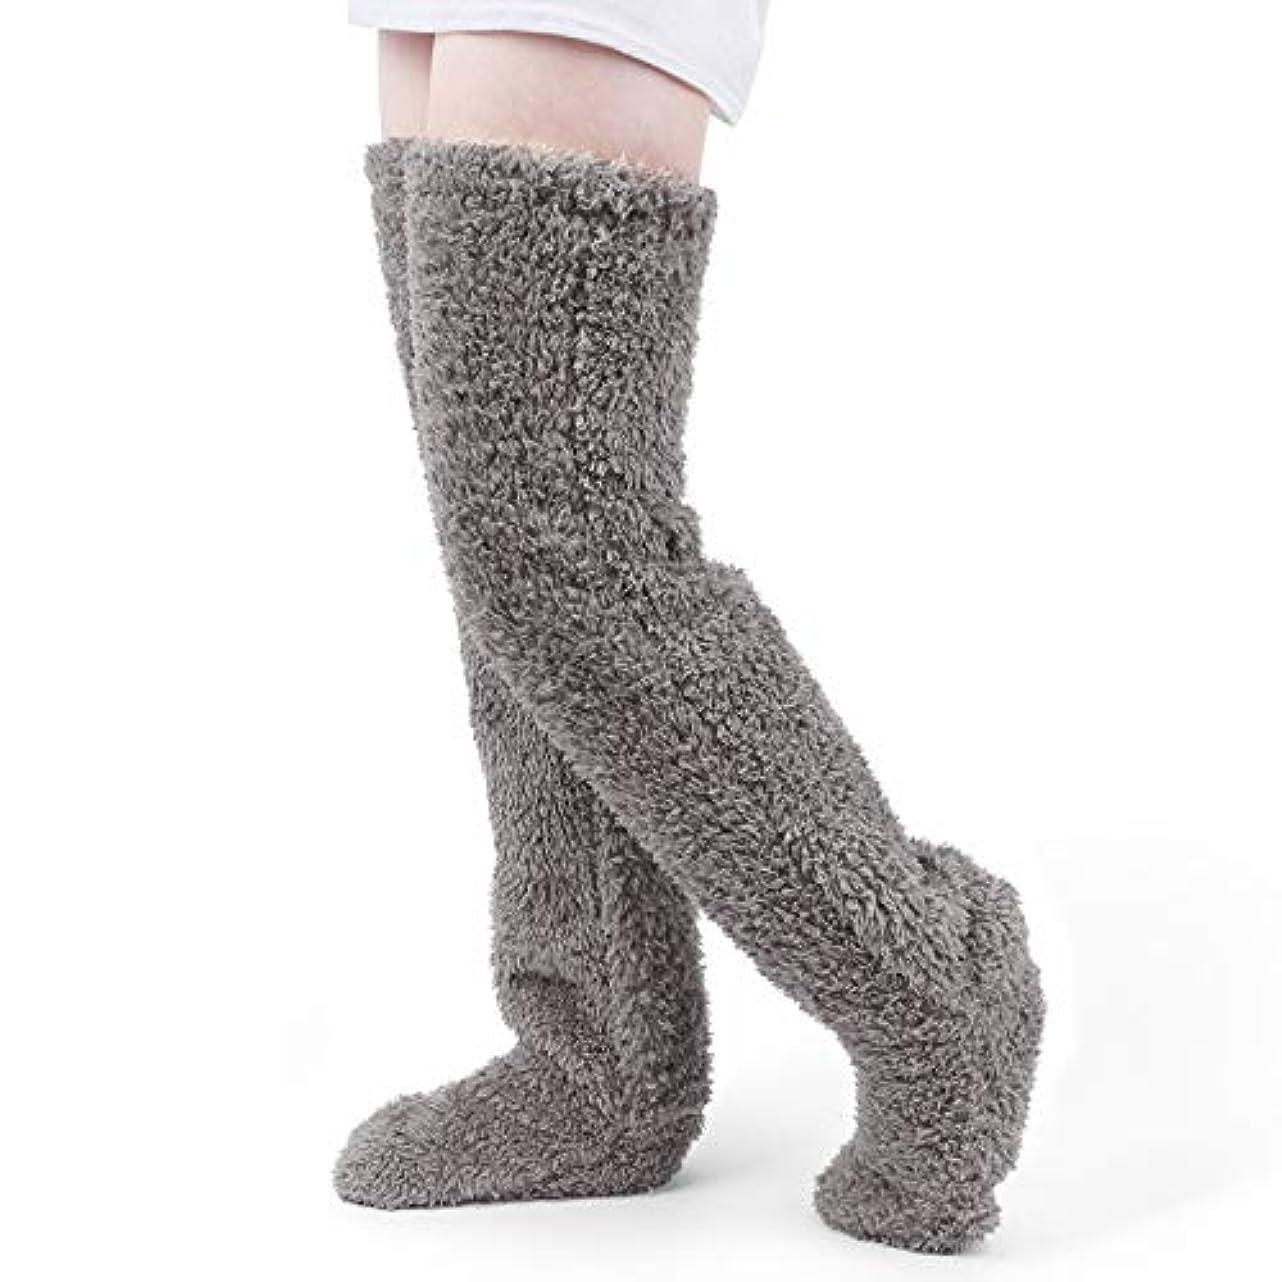 子供達針緩めるHombasis 極暖 足が出せるヒートソックス 歩ける ロングカバー男女兼用 大きいサイズ (グレー)